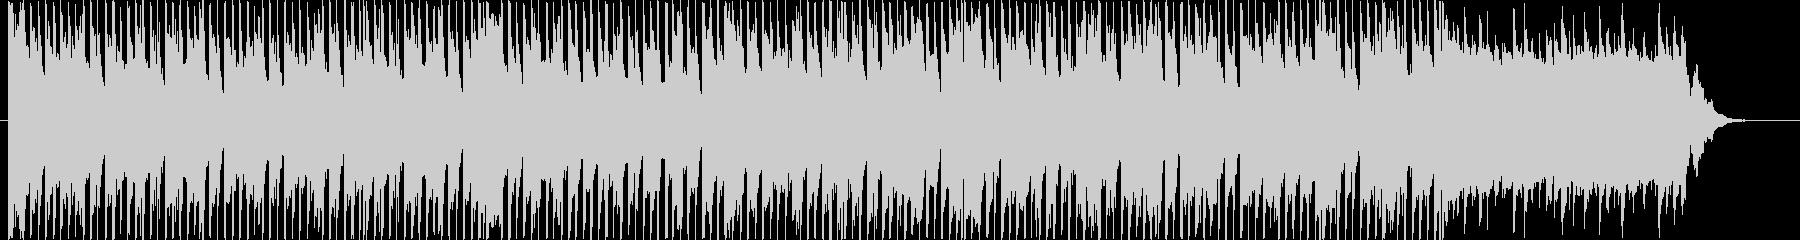 疾走感あるポップBGM(60ver)の未再生の波形